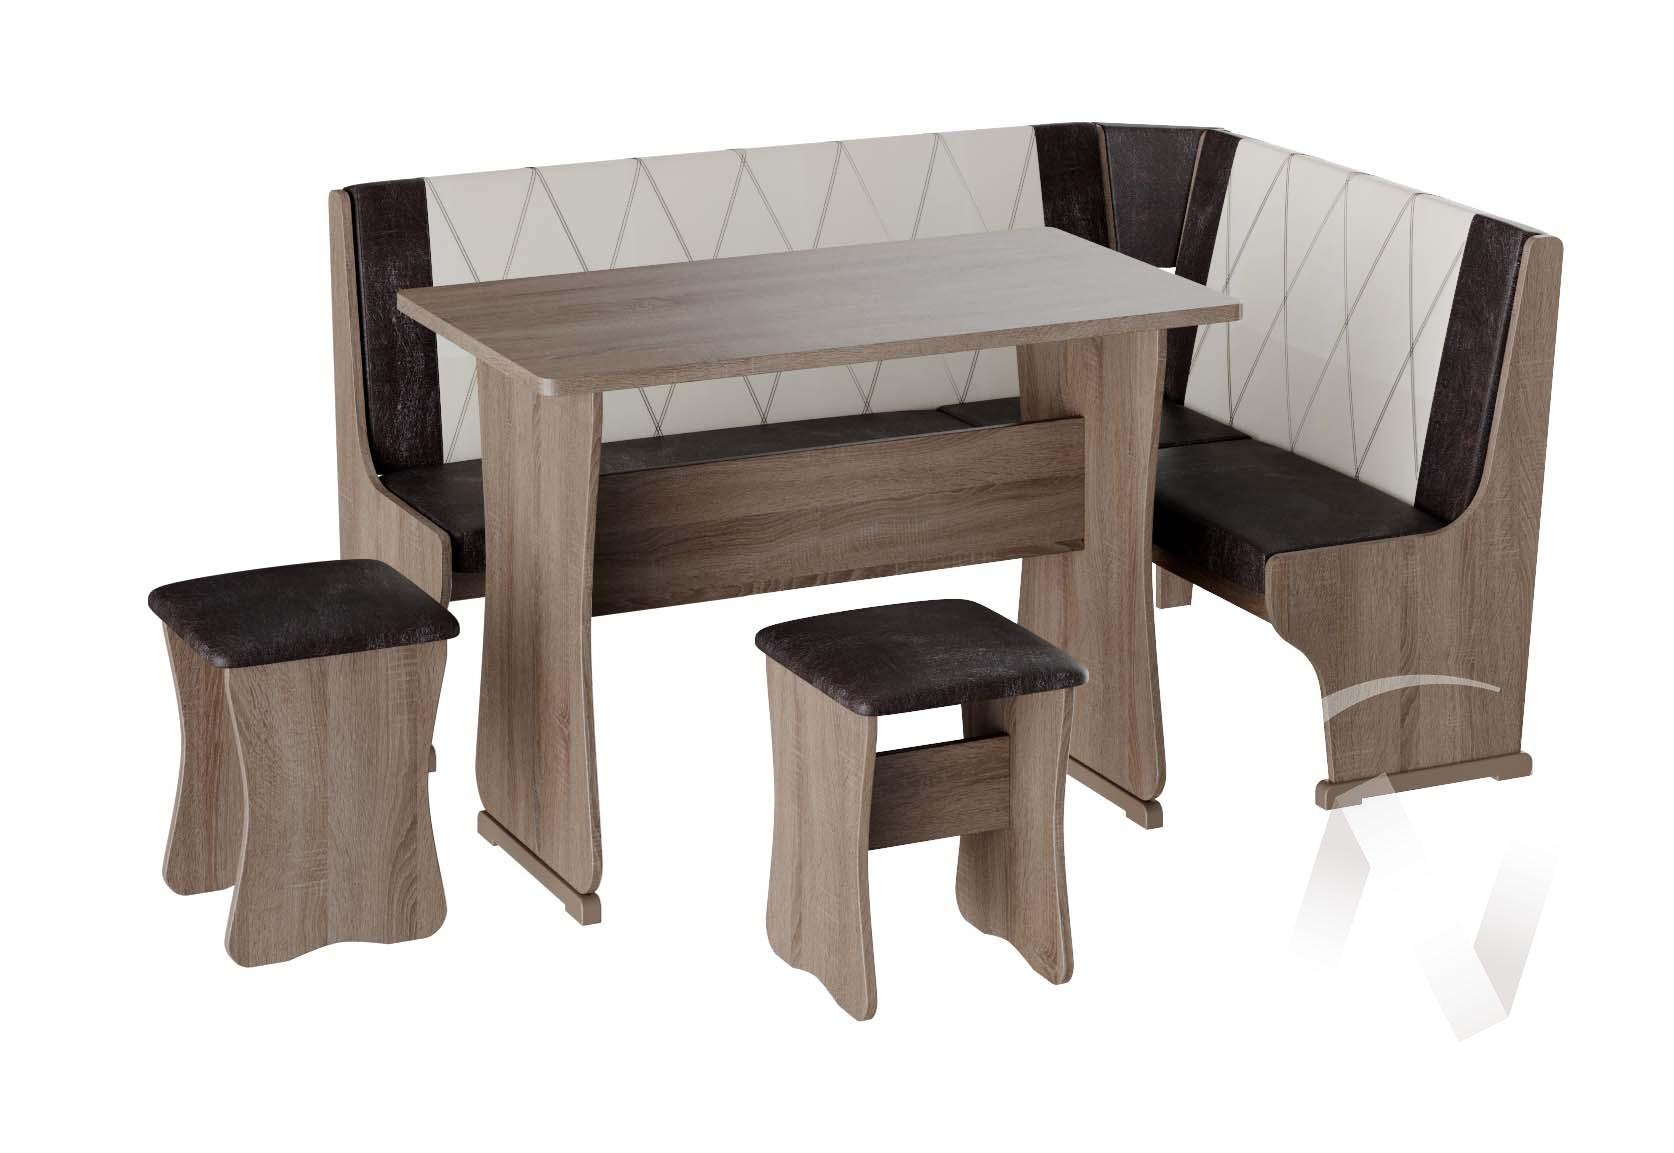 Кухонный уголок Гамма тип 2 кожзам (дуб сонома трюфель/шоколад,бежевый)  в Томске — интернет магазин МИРА-мебель